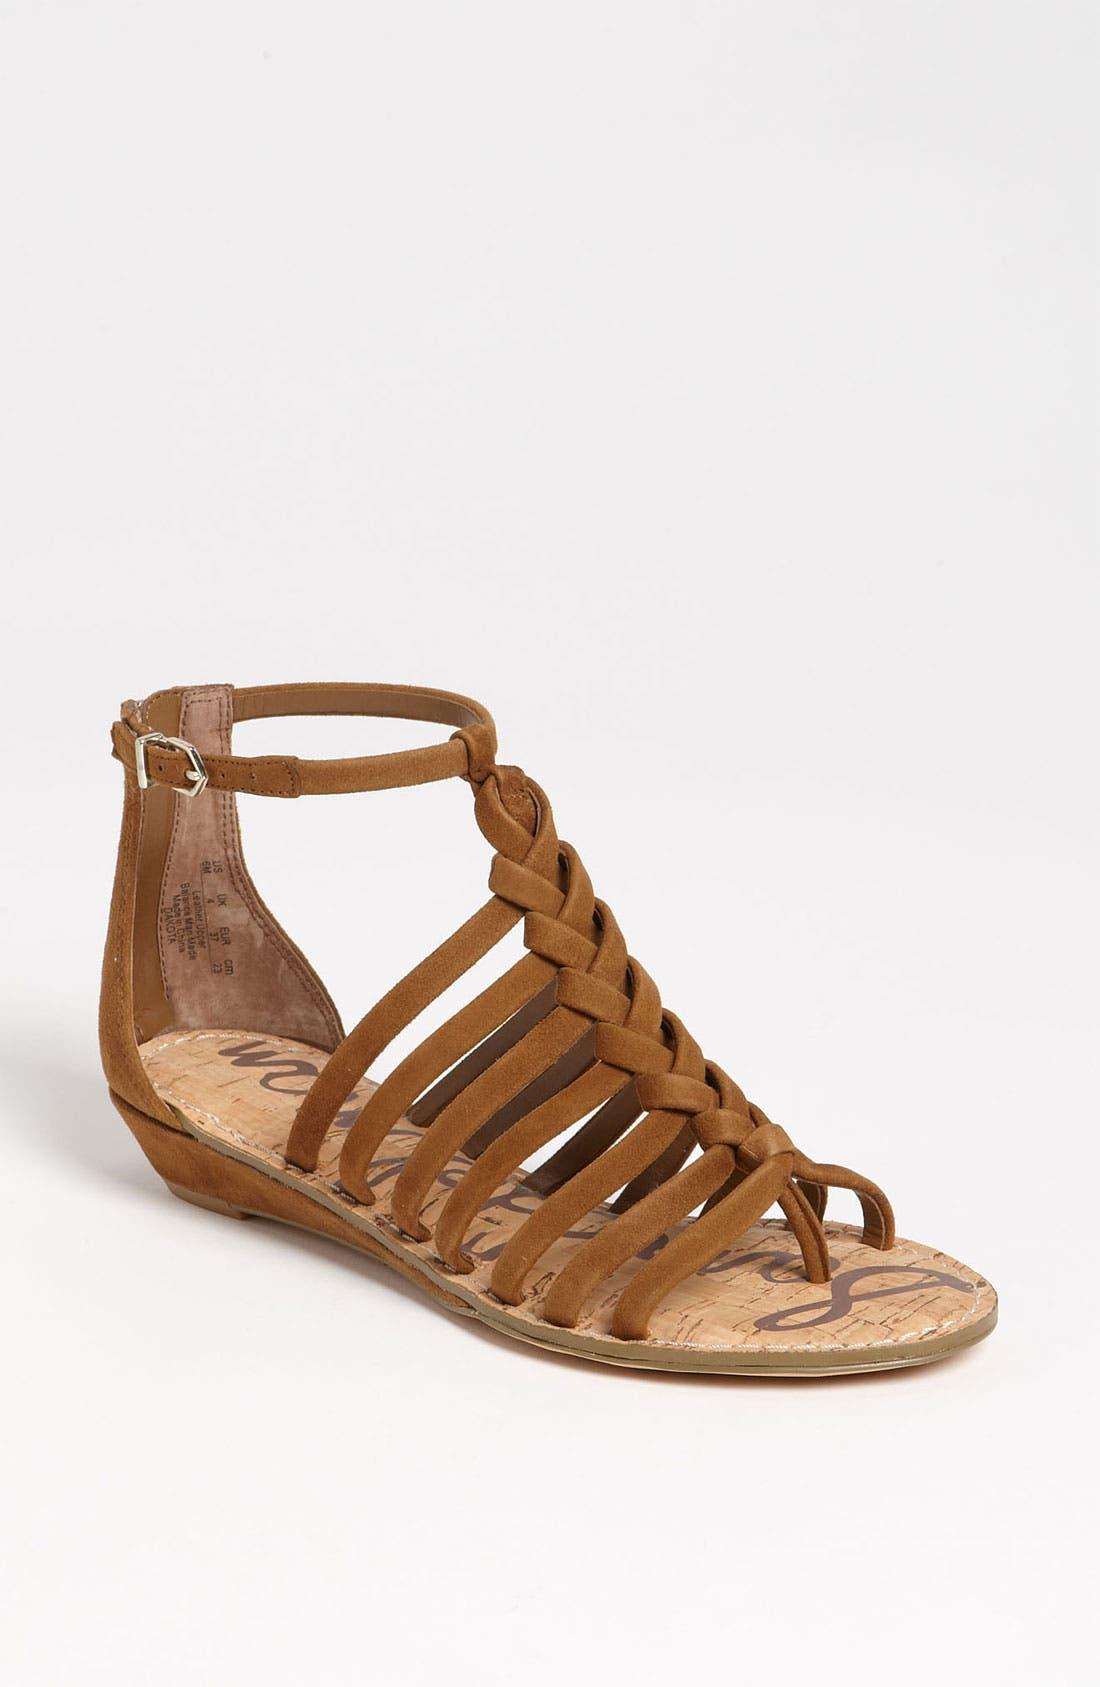 Alternate Image 1 Selected - Sam Edelman 'Dakota' Sandal